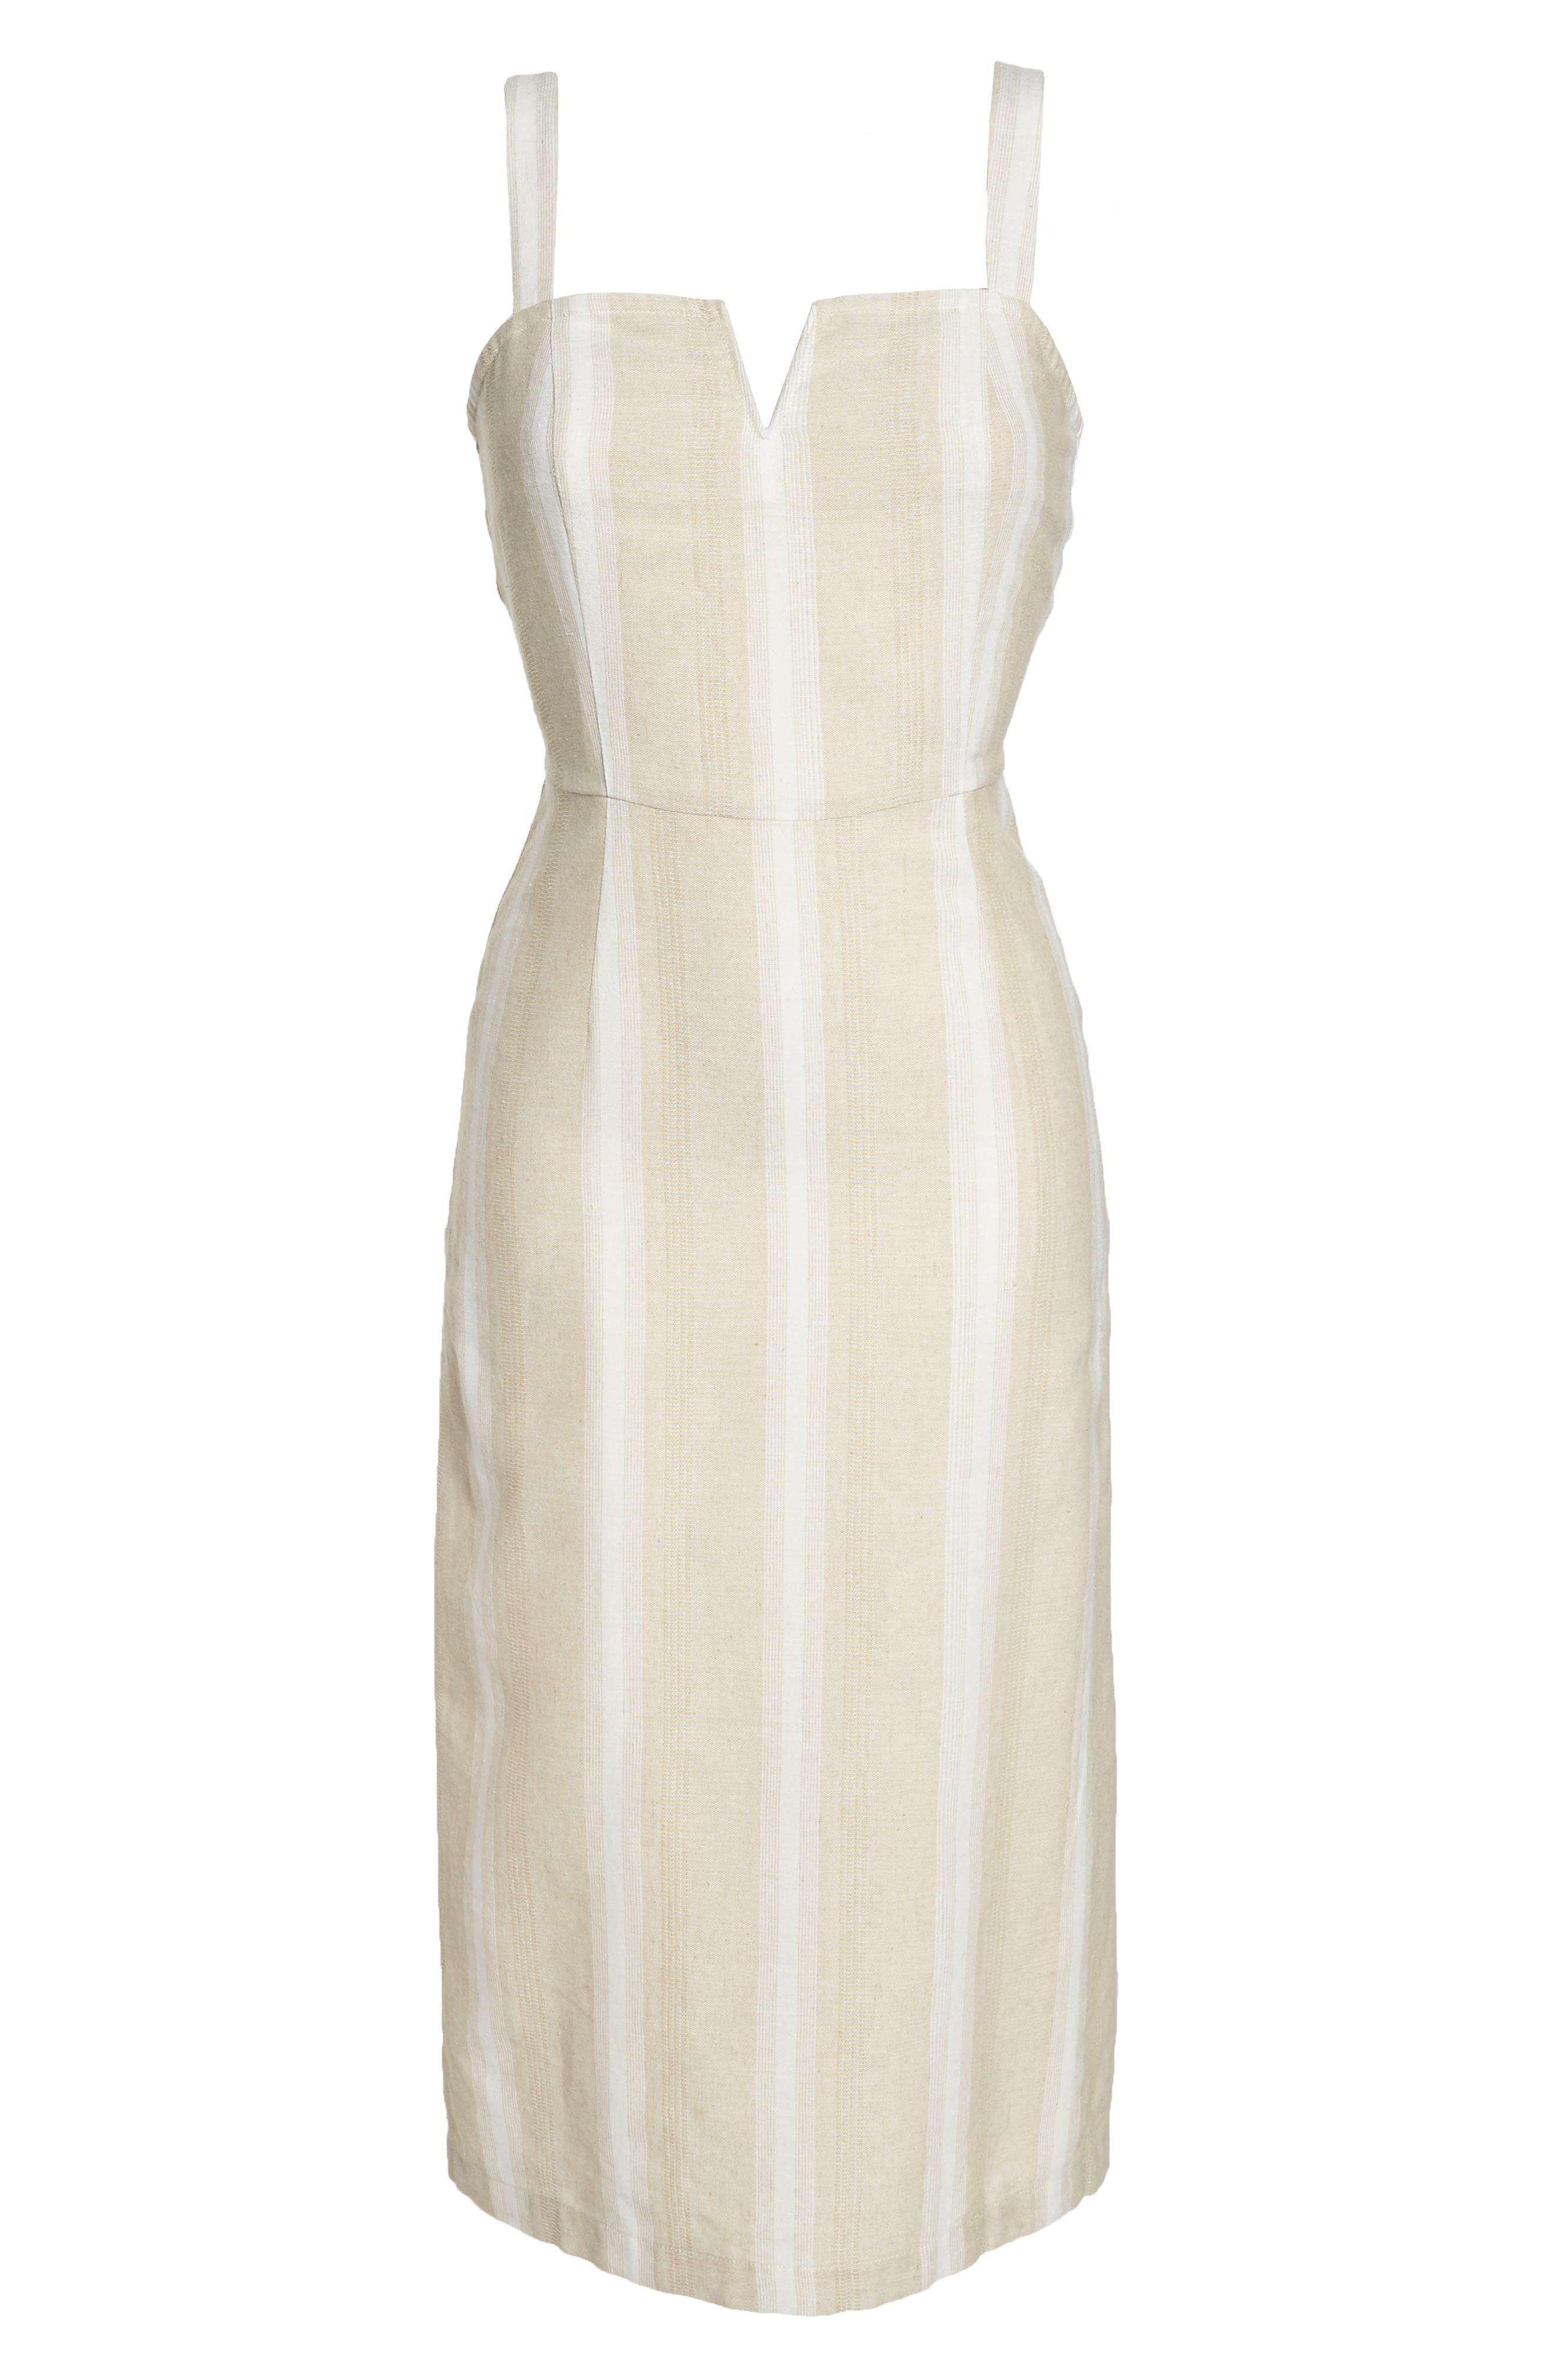 Peekabo Stripe Midi Dress,                             Alternate thumbnail 7, color,                             250